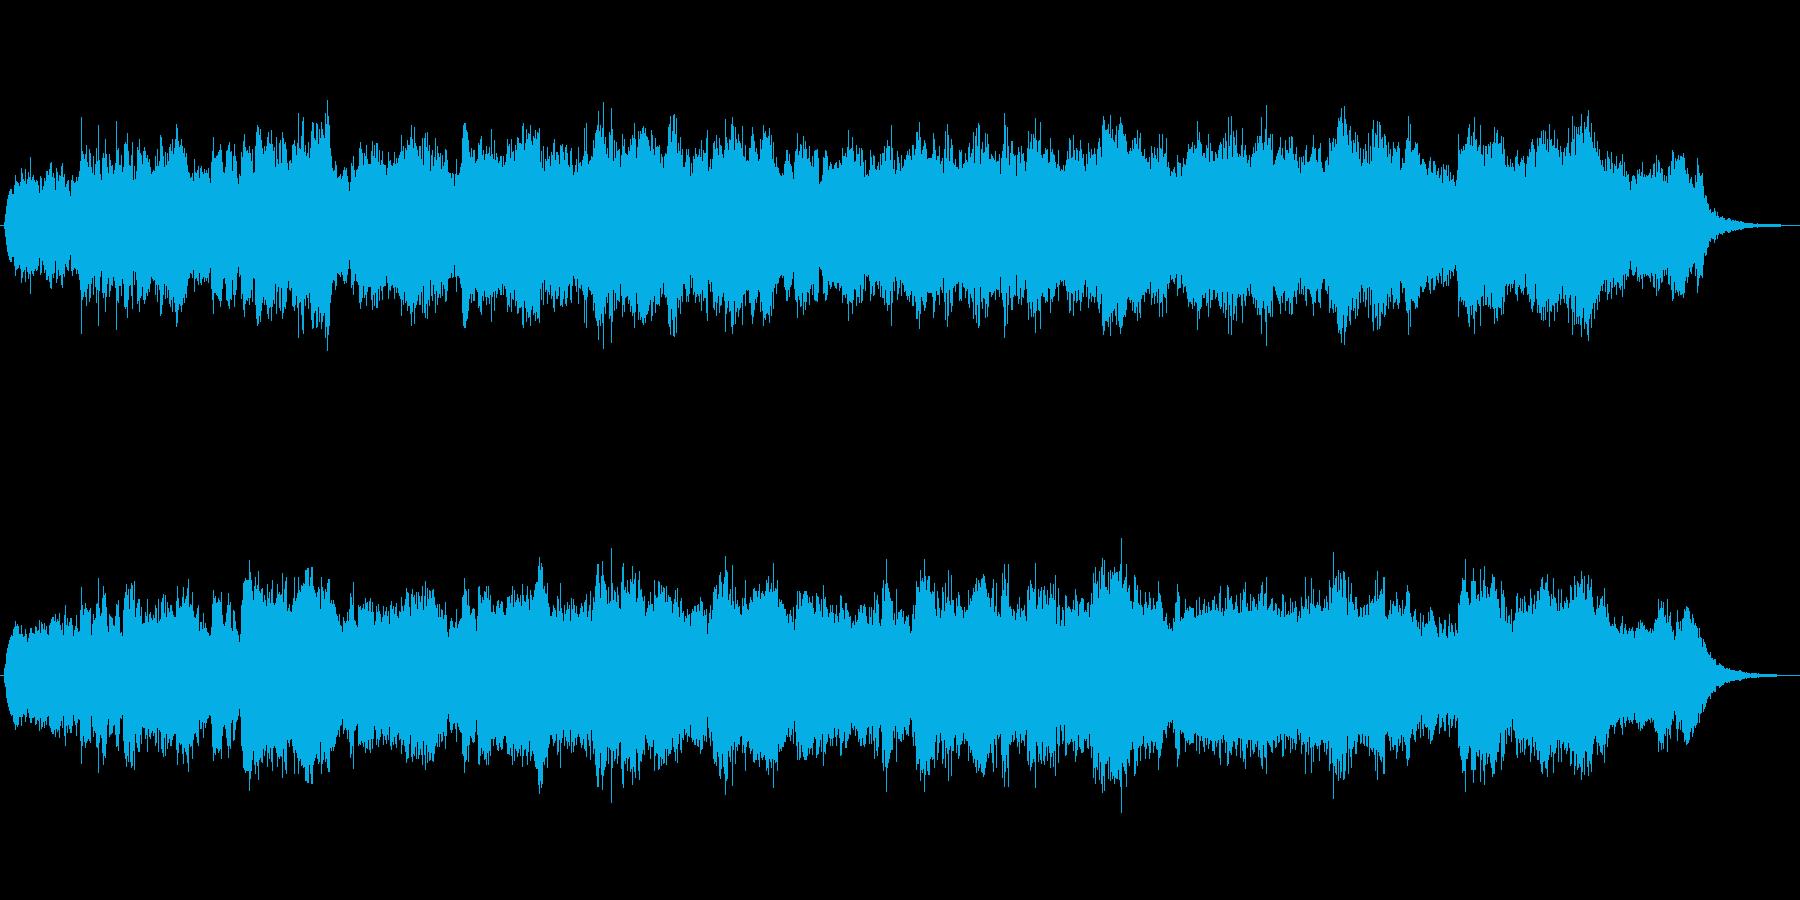 ジブリ風の創造の世界的なジングルの再生済みの波形